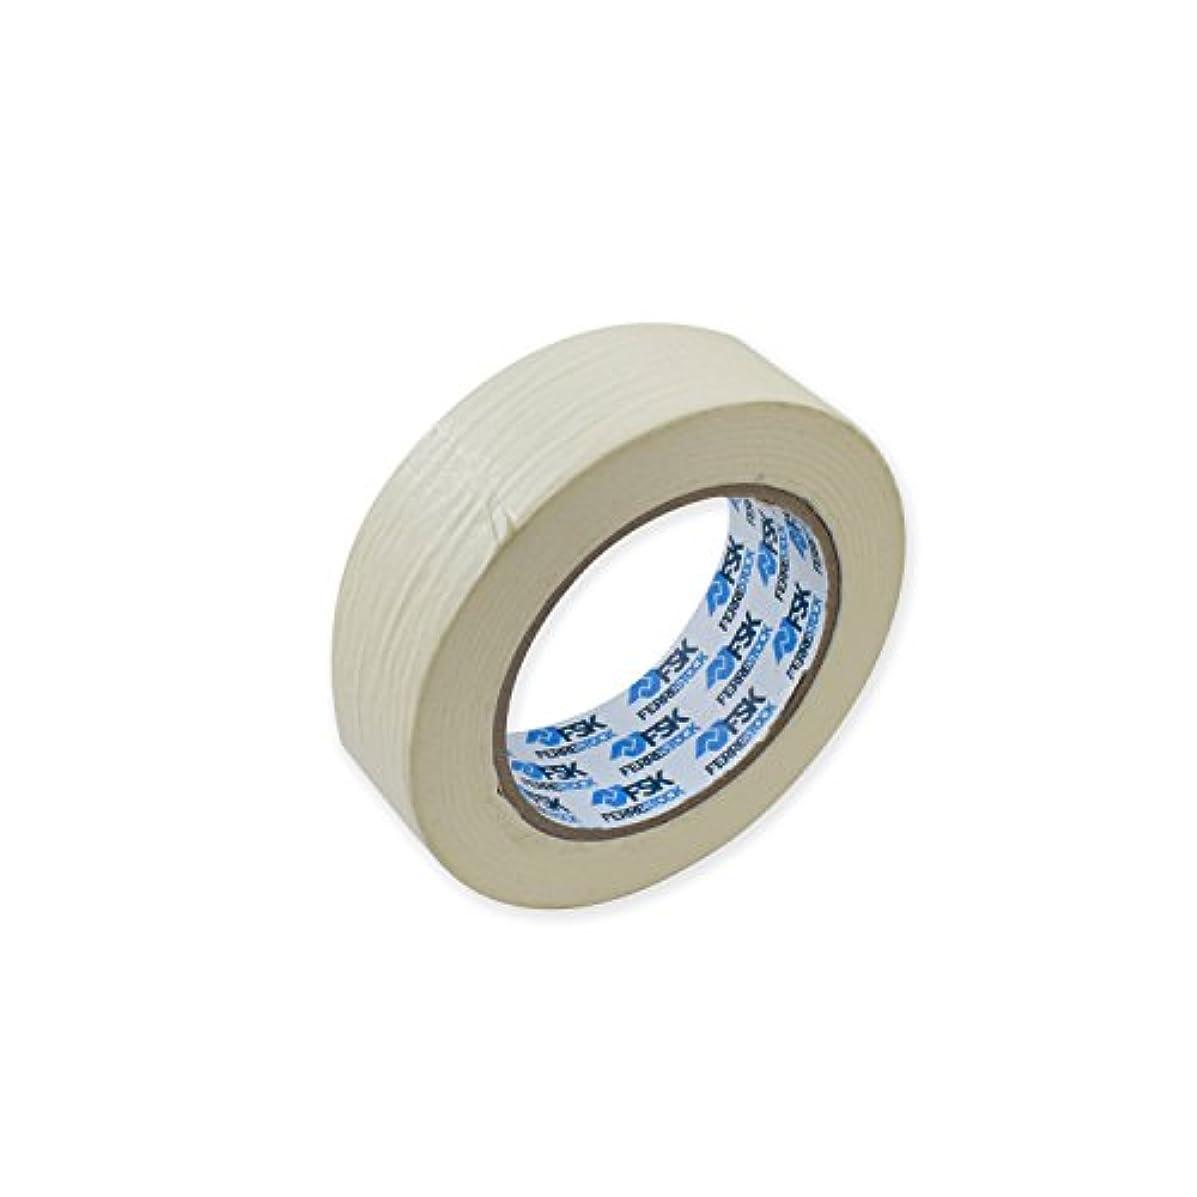 ferrestock fsktma003?Roll Masking Tape, 30?mm x 50?m